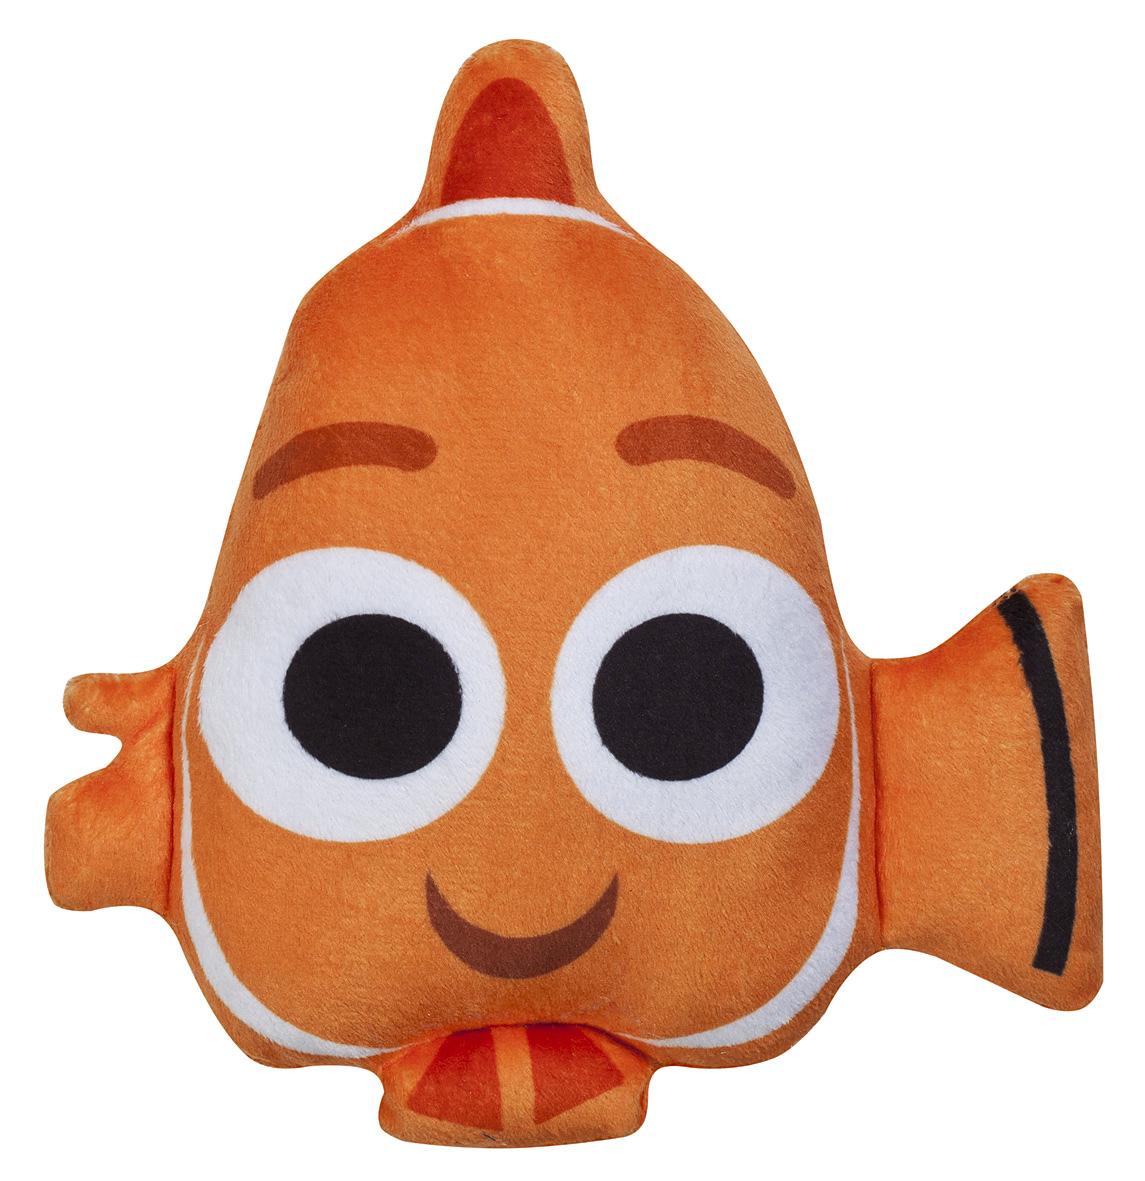 Disney Мягкая игрушка Finding Dory Немо15983Детская декоративная подушка Немо может быть использована в доме для отдыха и сна, а также и для игр вашего ребенка. Она прекрасно украсит детскую спальню, благодаря яркому внешнему виду, а ребенок всегда придумает с ней сюжетно-ролевую игру. Данная продукция уже давно зарекомендовала себя, как качественная и безопасная.